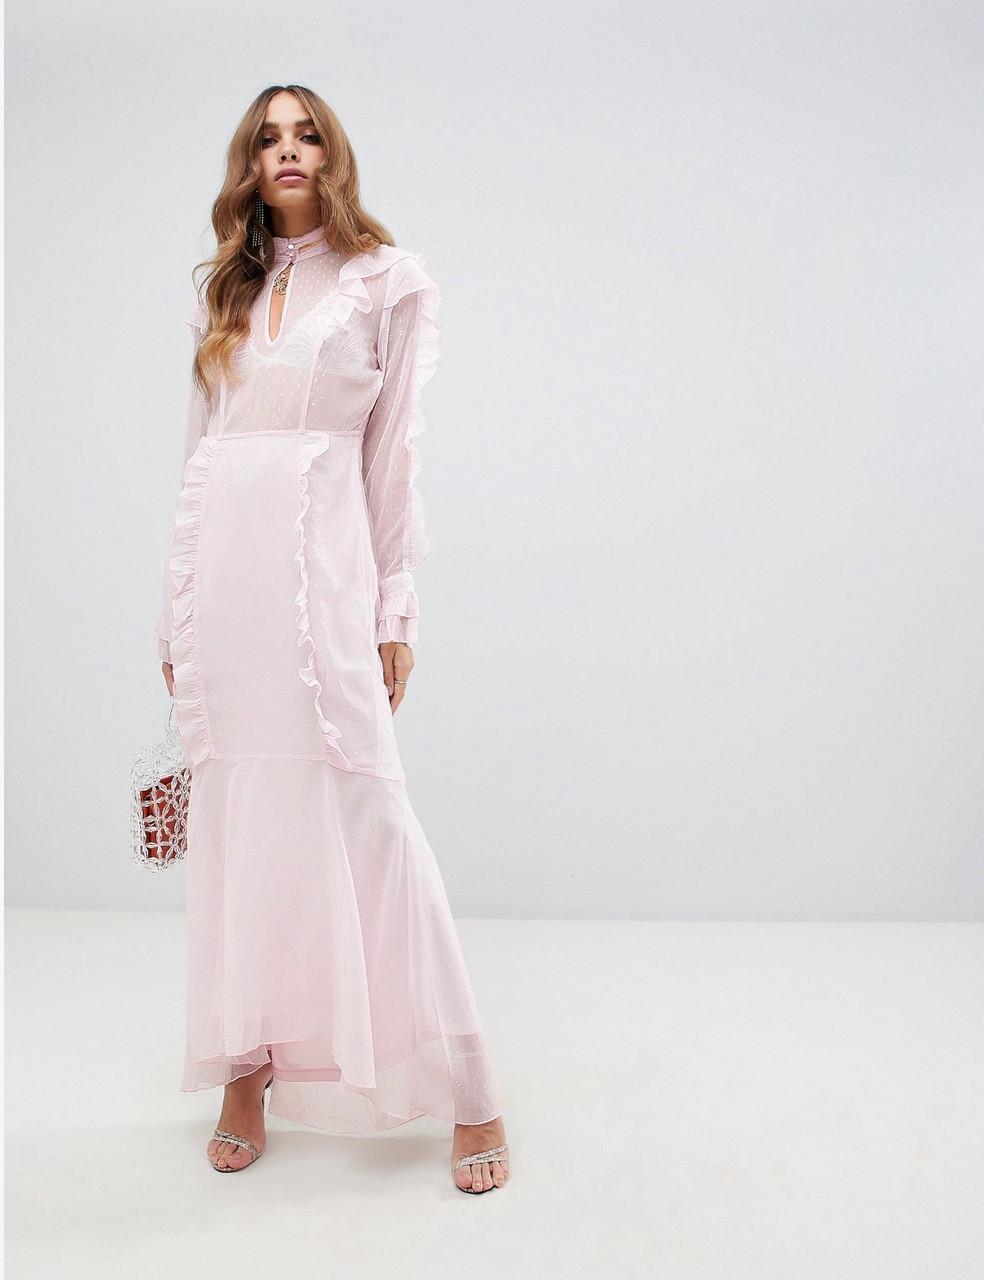 90a03fbbf70 Нежное розовое платье макси с рюшами - Dresses Gallery в Одессе